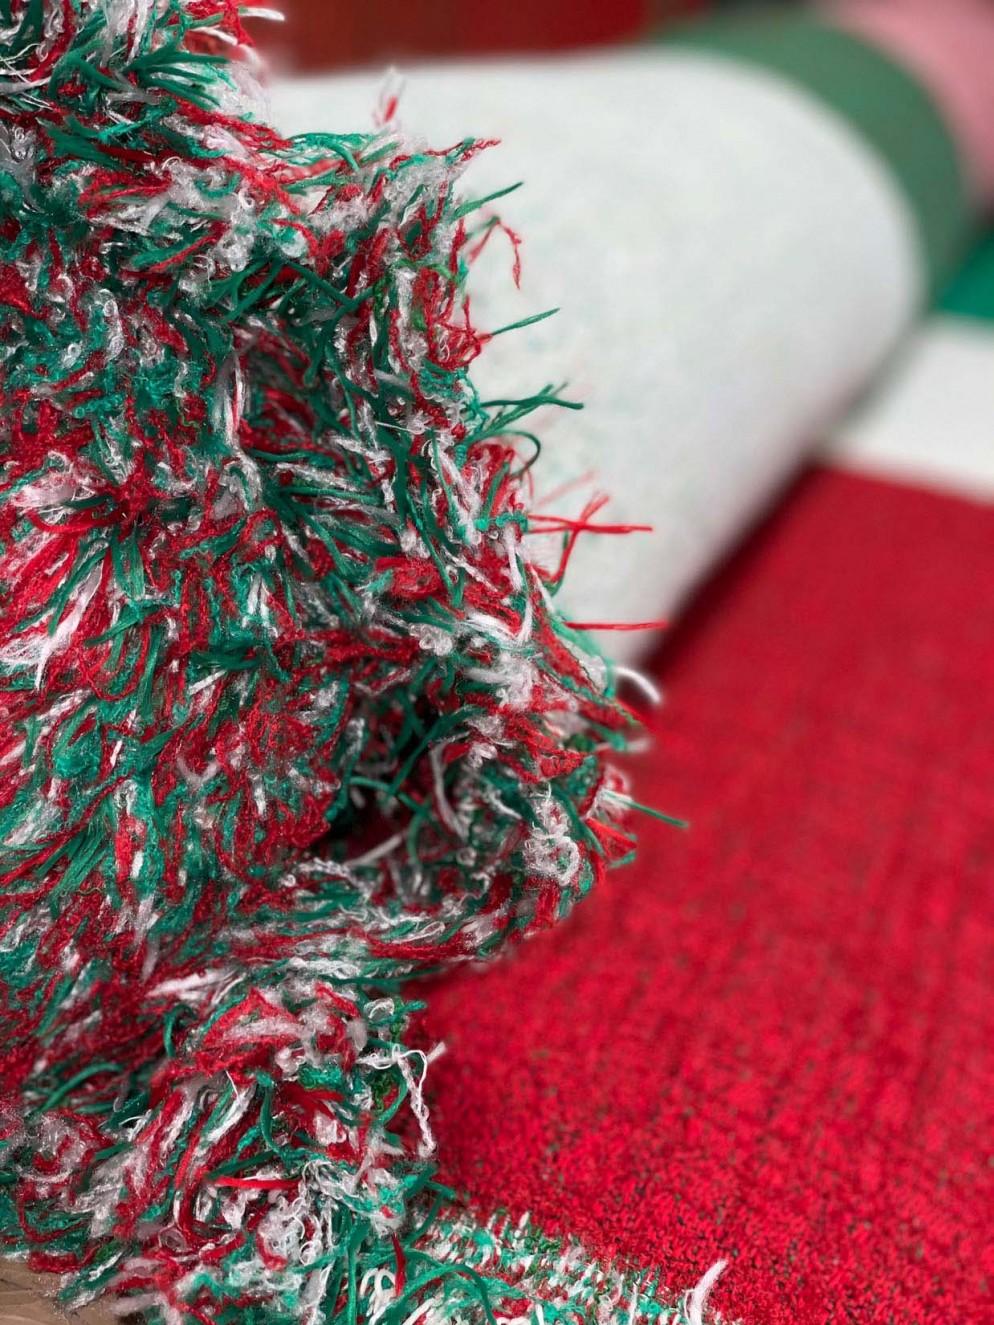 tricolore-tessuto-plastica-reciclata-bonotto-olimpiadi-tokyo-sede-07